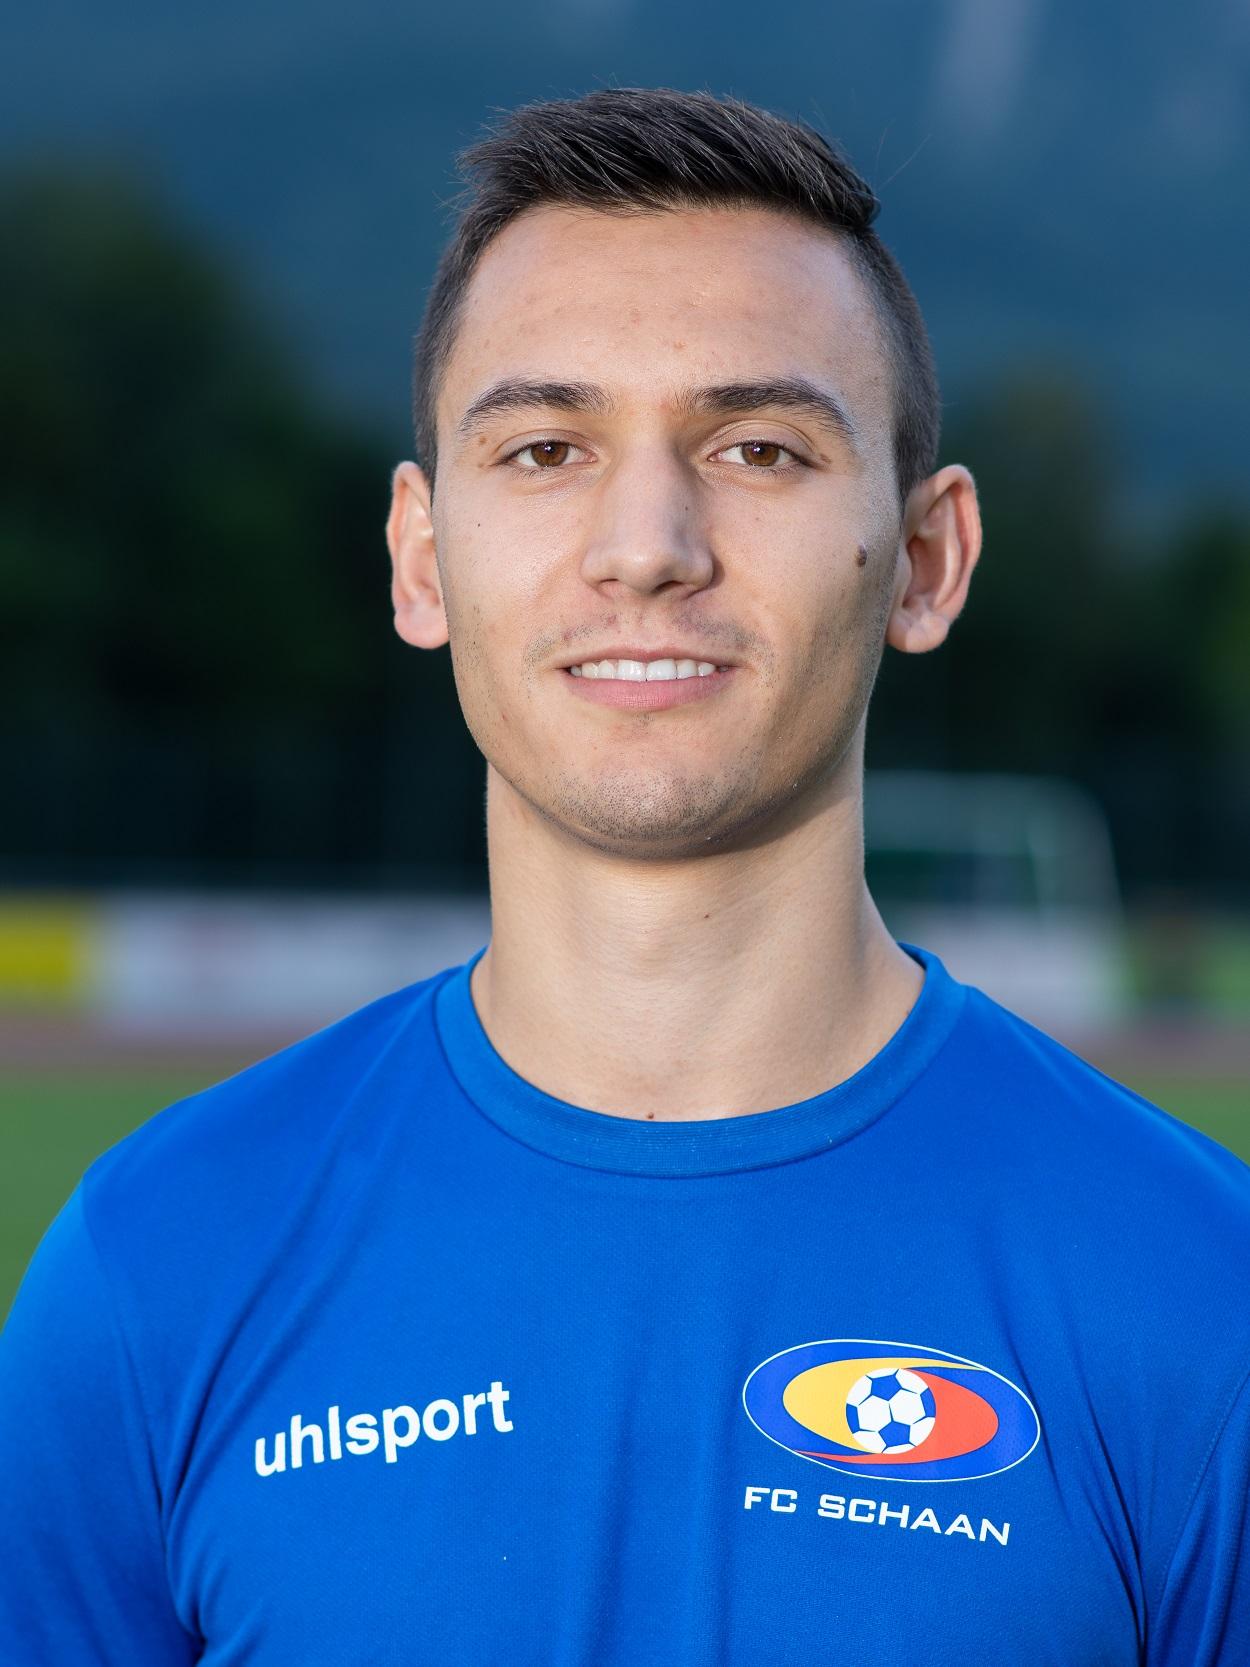 Fabian Kaiser